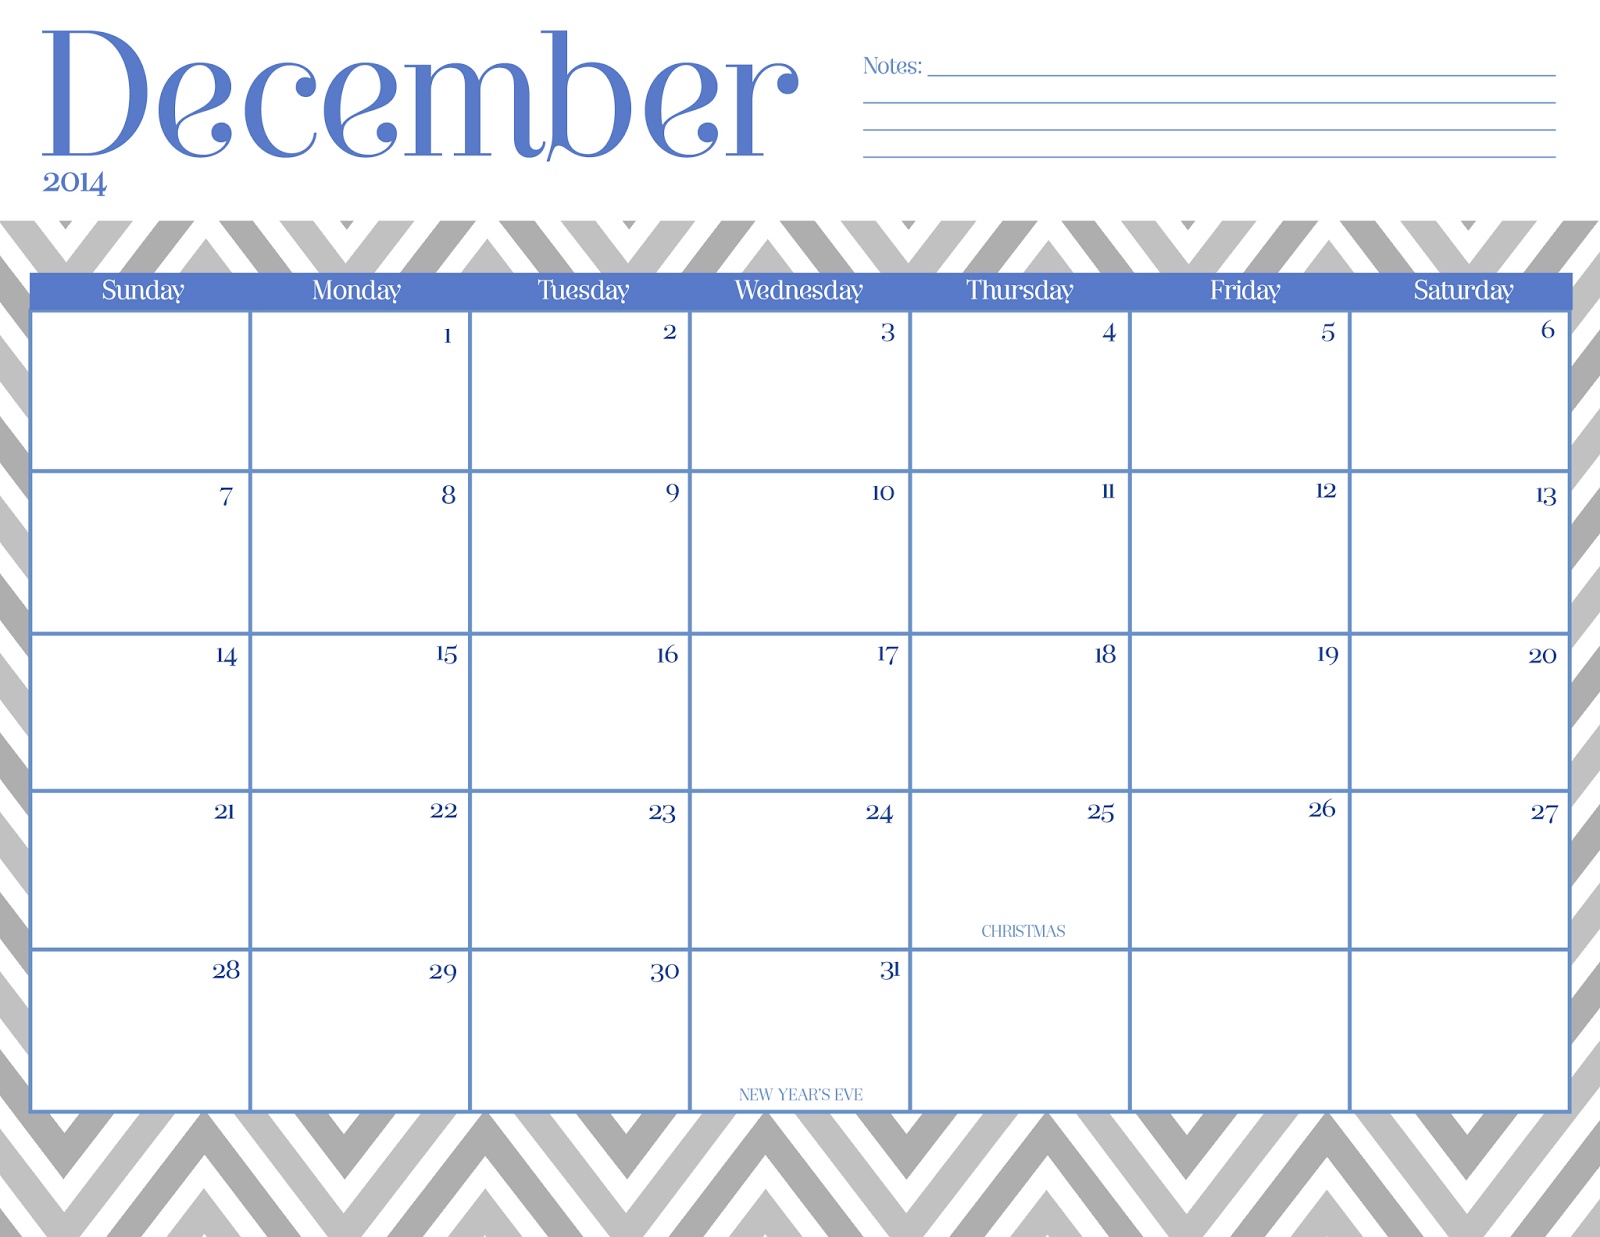 Oh So Lovely Blog: FREE 2015 CALENDARS